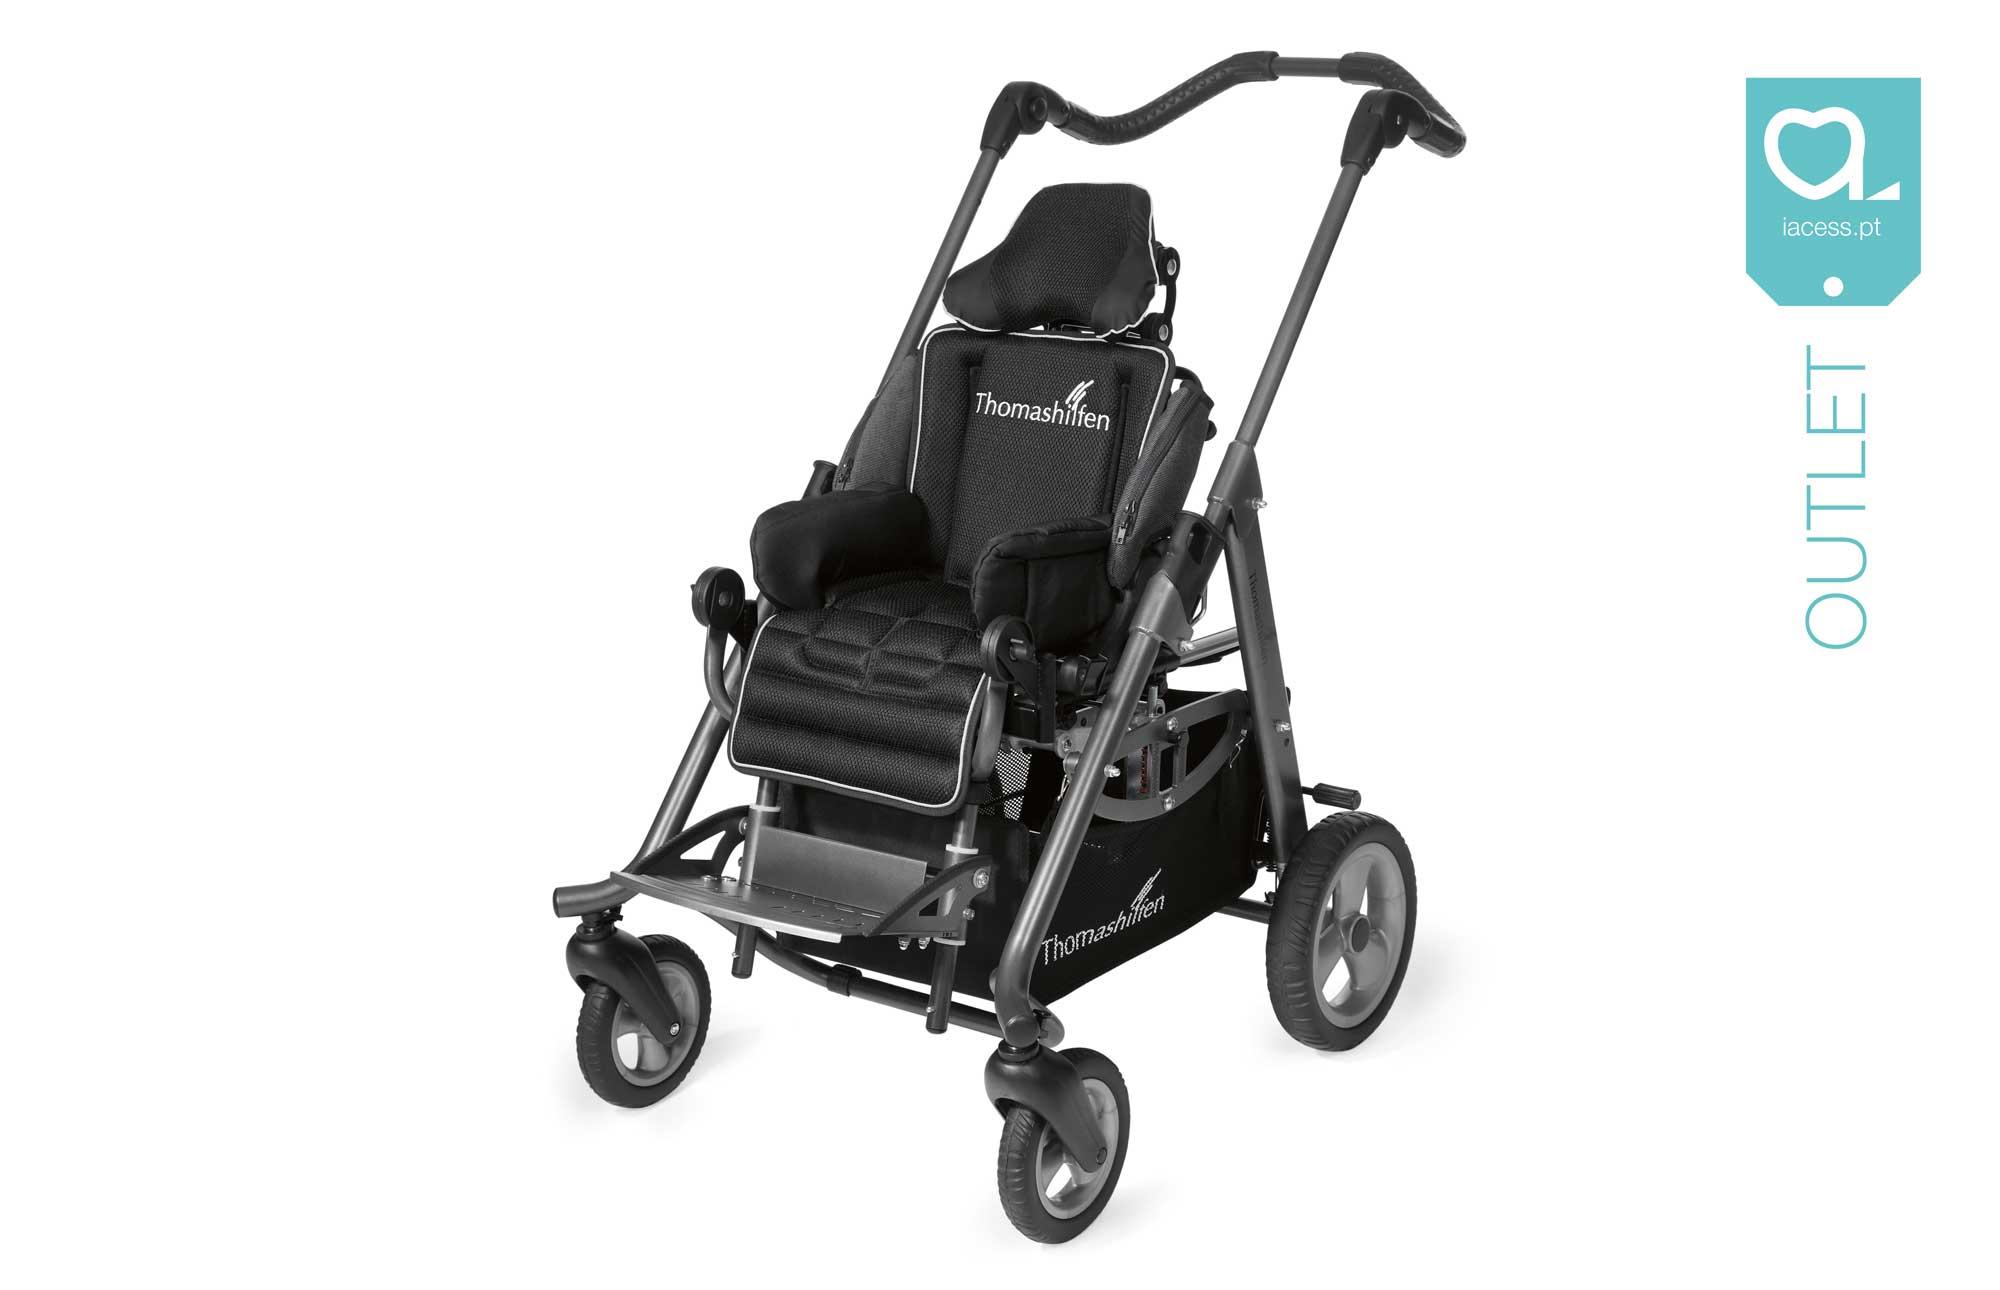 cadeira pediátrica para posicionamento em outlet